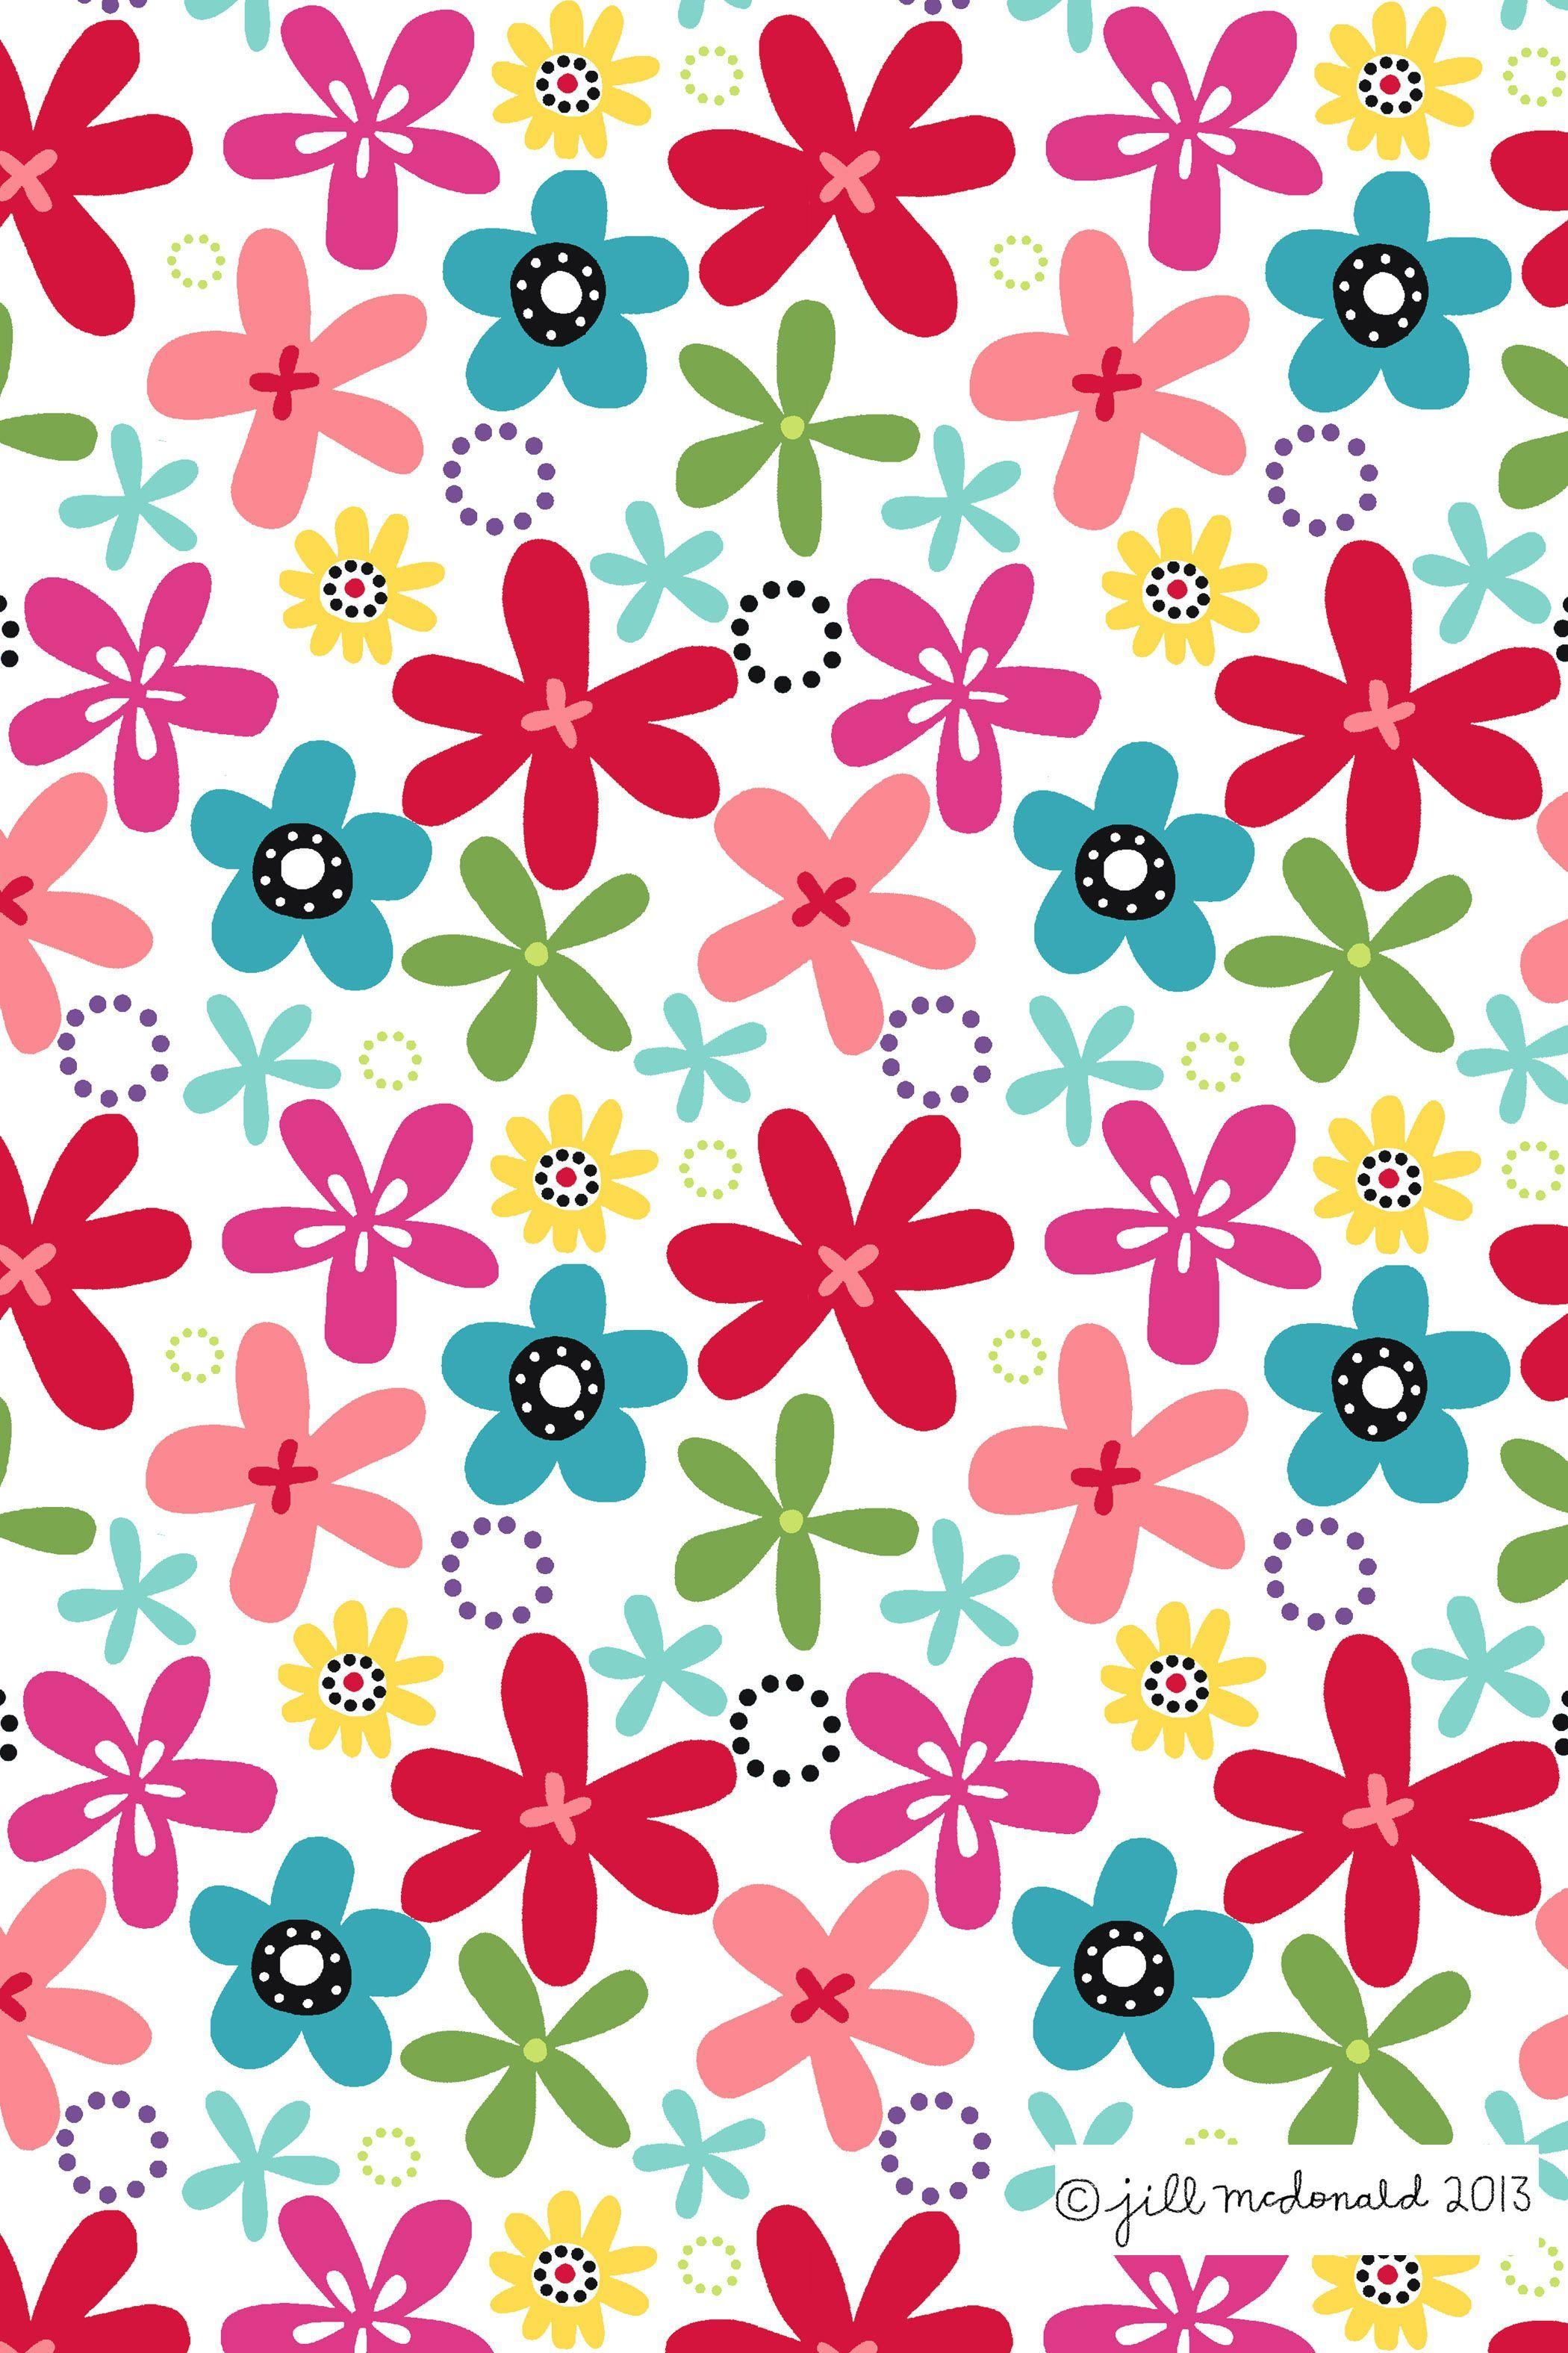 Pink Wallpaper - Wallpaper Sun